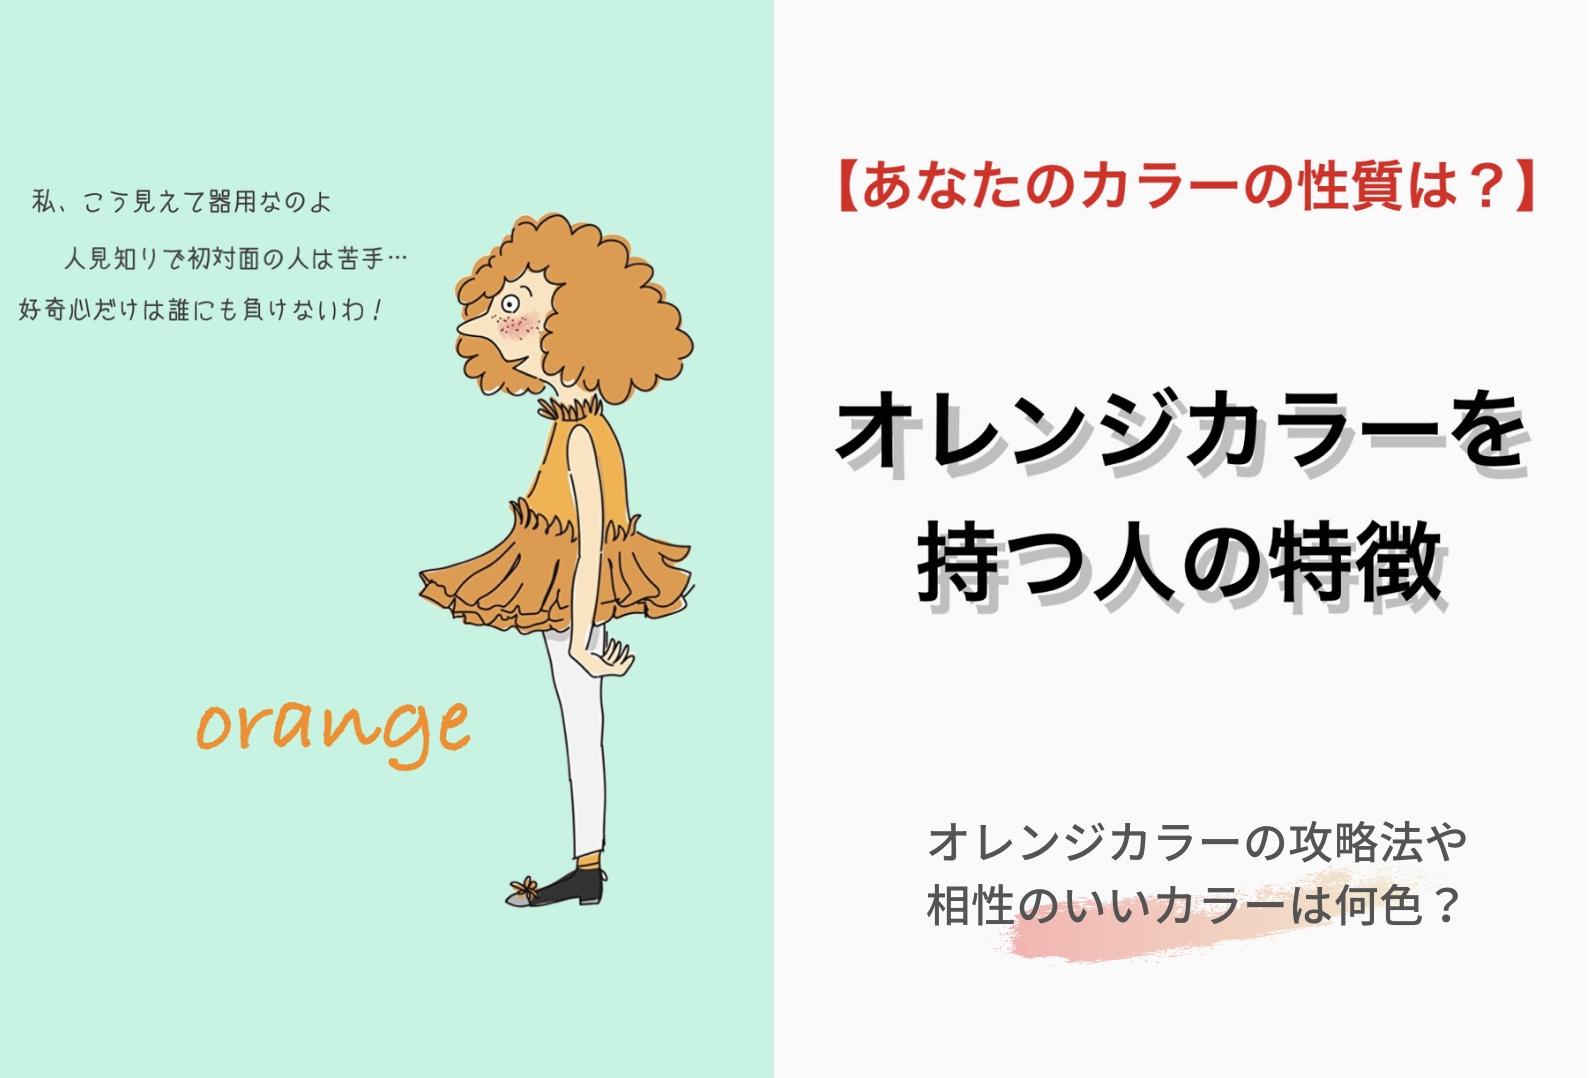 オレンジカラーを持つ人の特徴